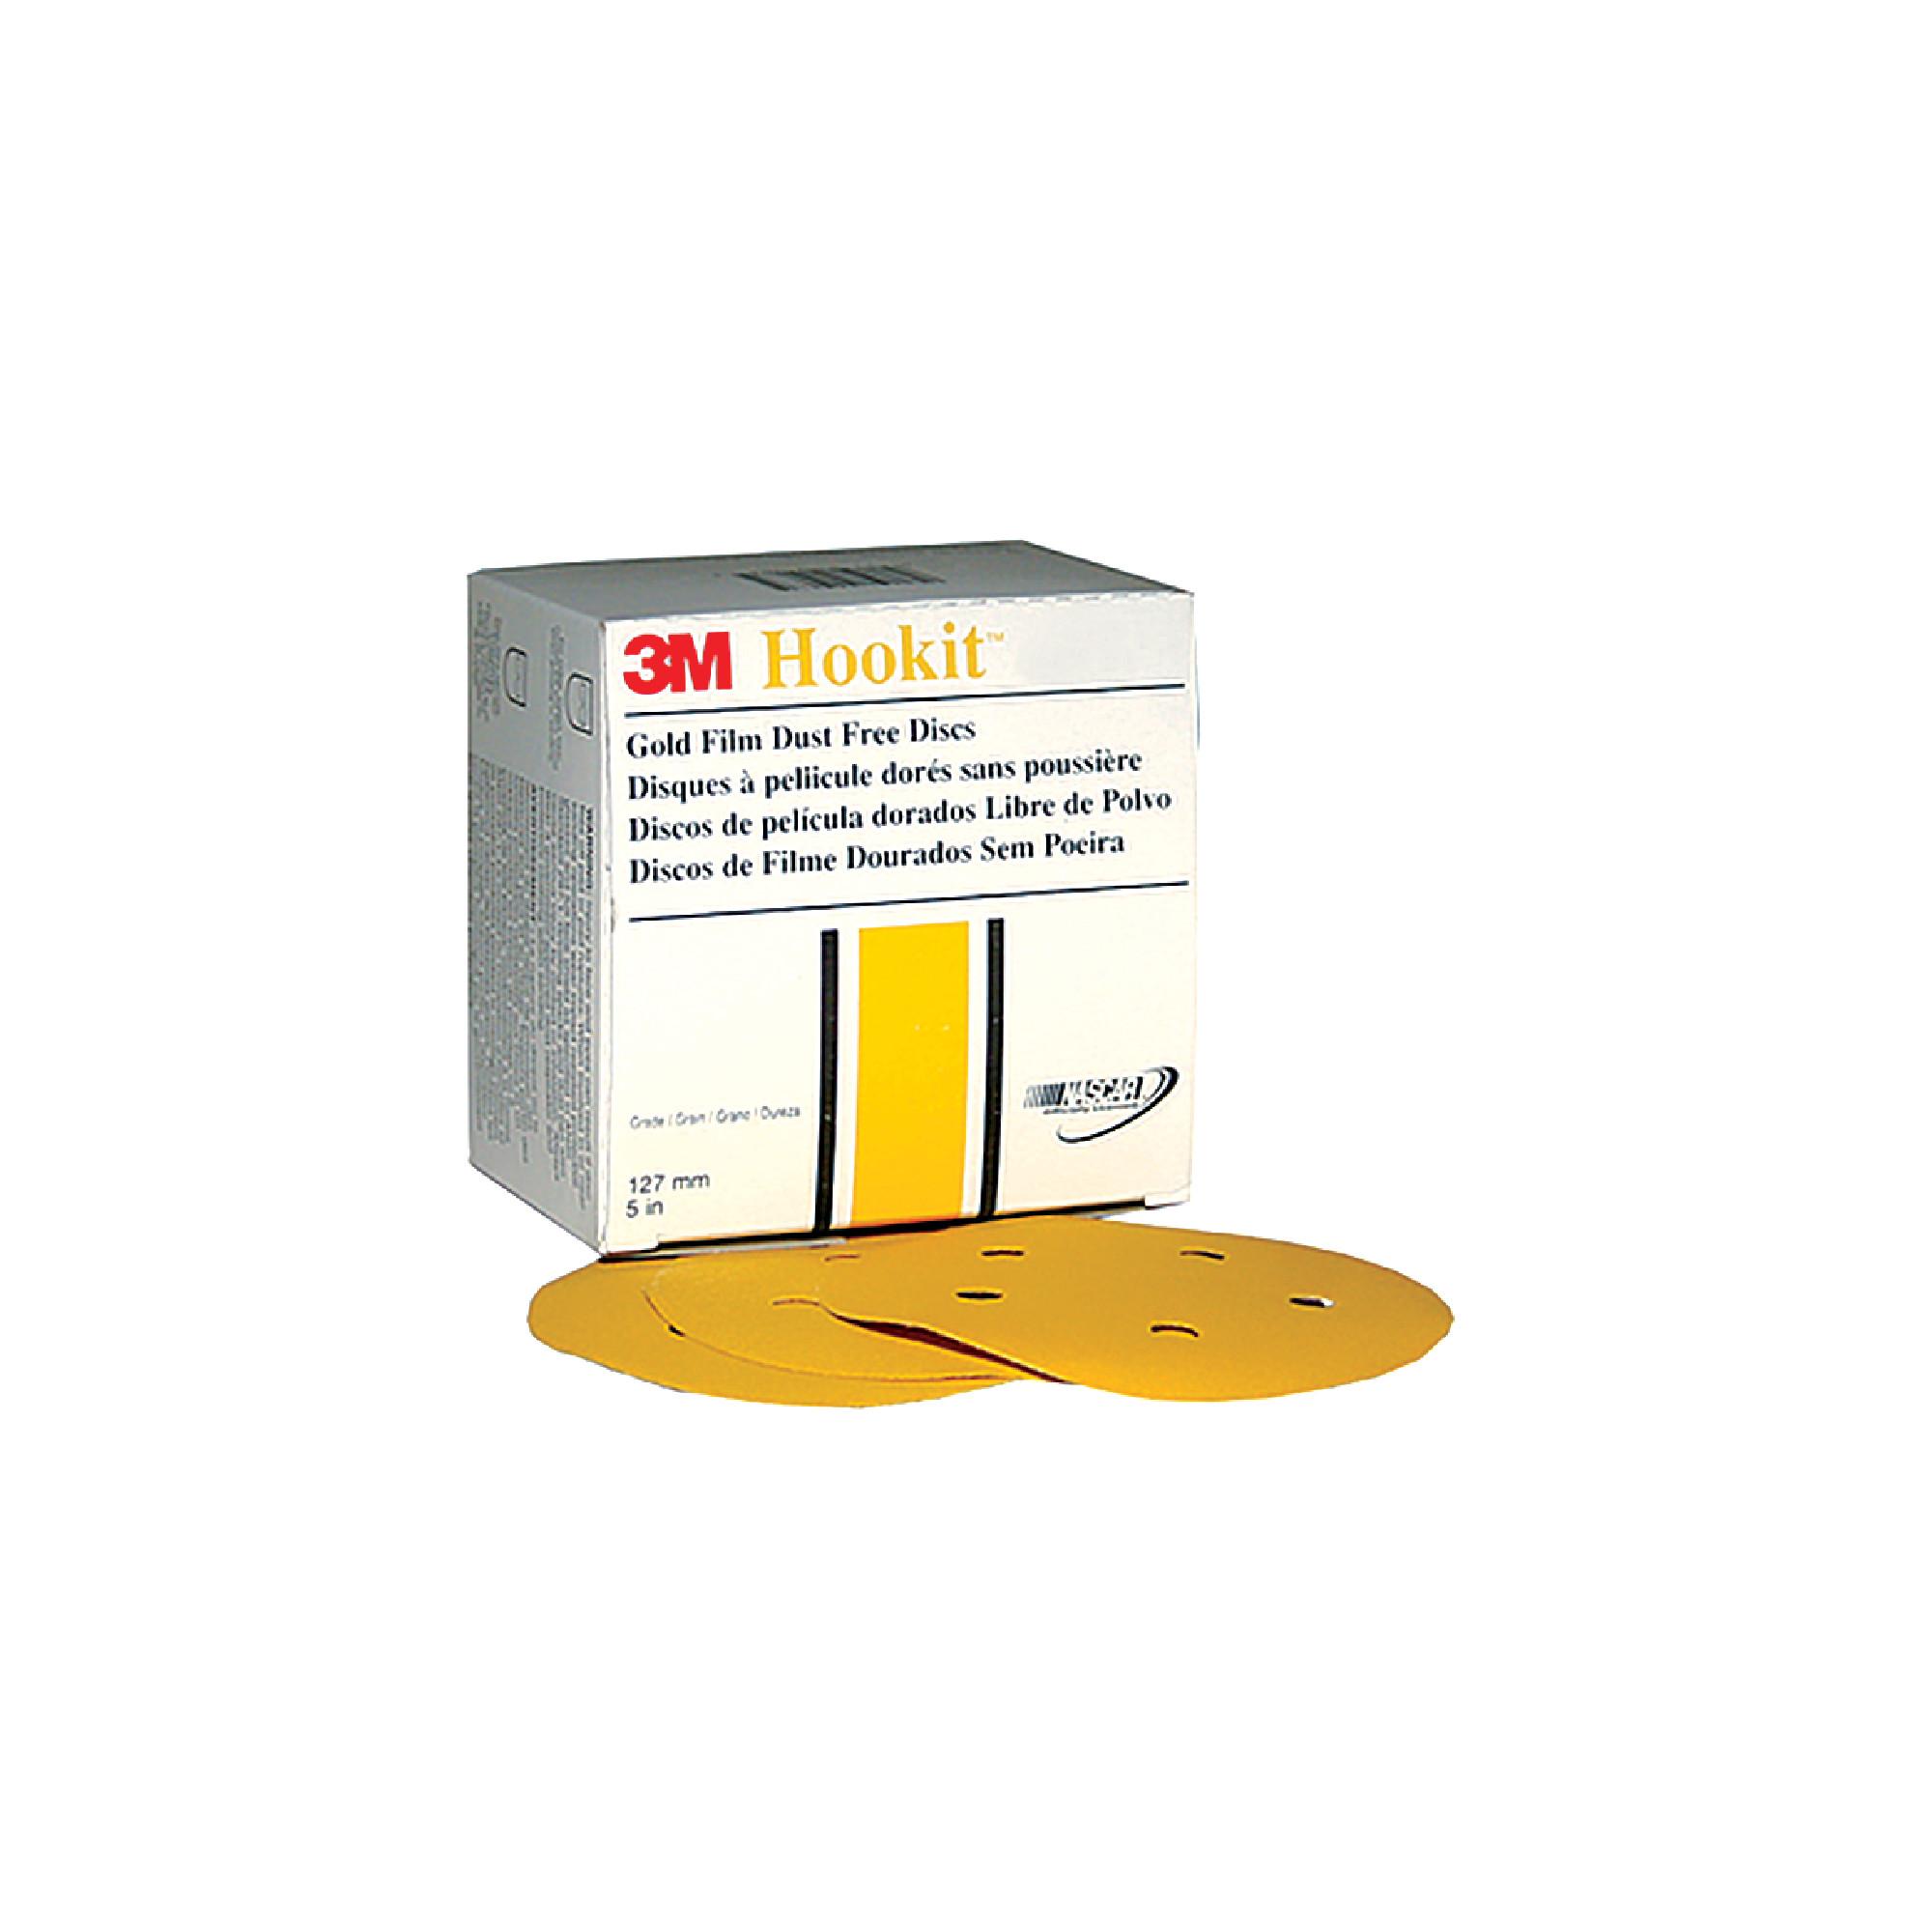 255L Hookit™ Gold Film Dust-Free Discs